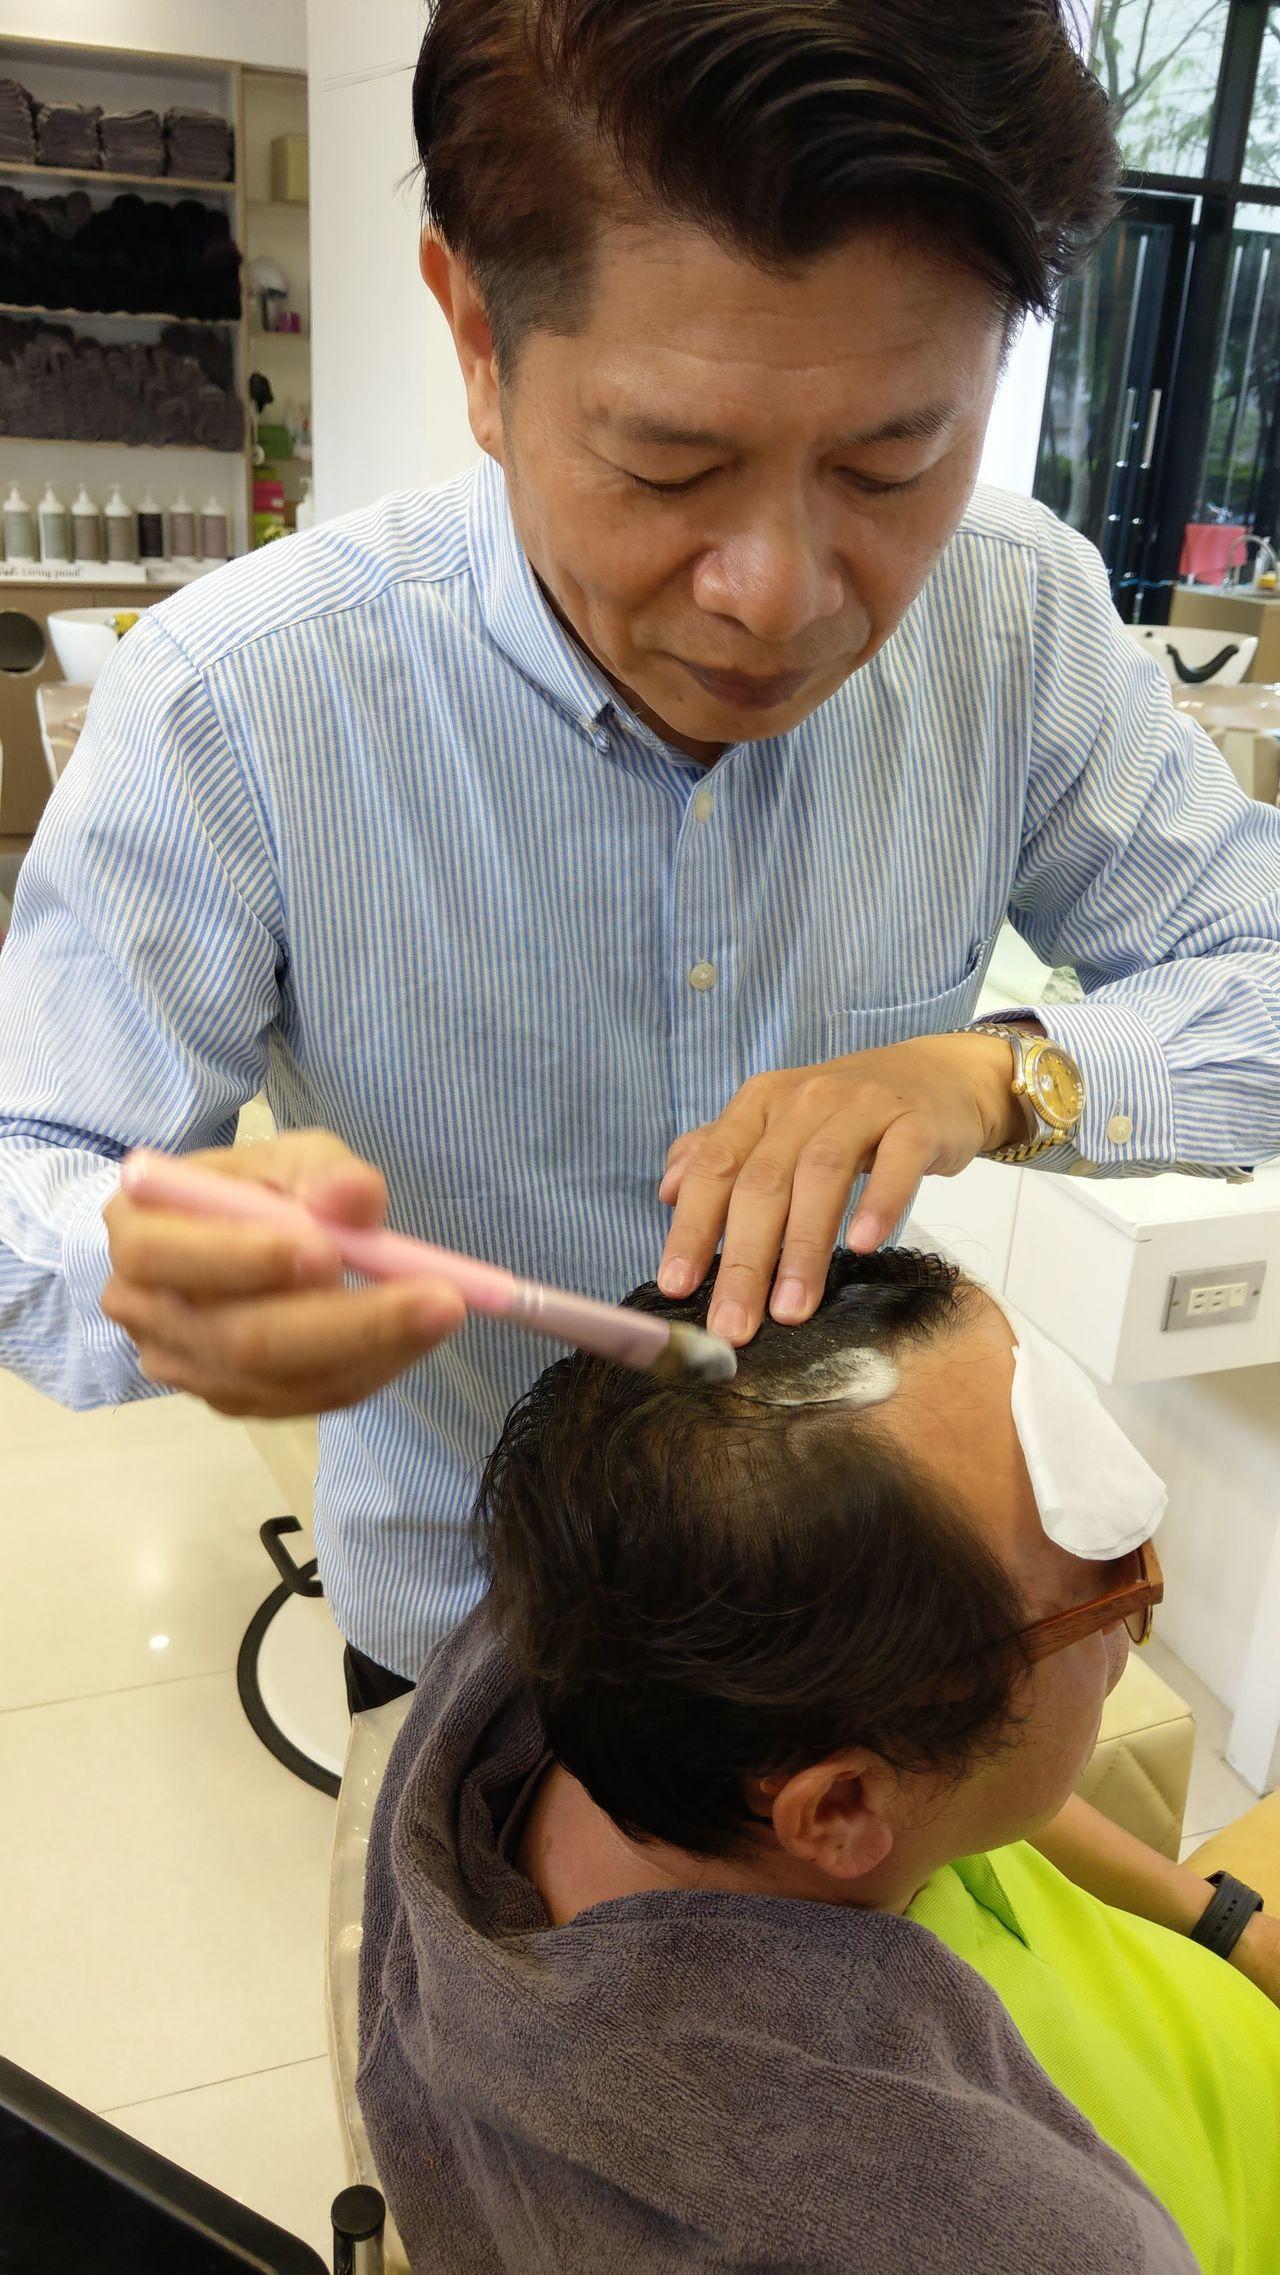 美髮沙龍業者與洗護髮產品業者策略聯盟,結合線訂購、實體店面體驗。記者趙容萱/攝影